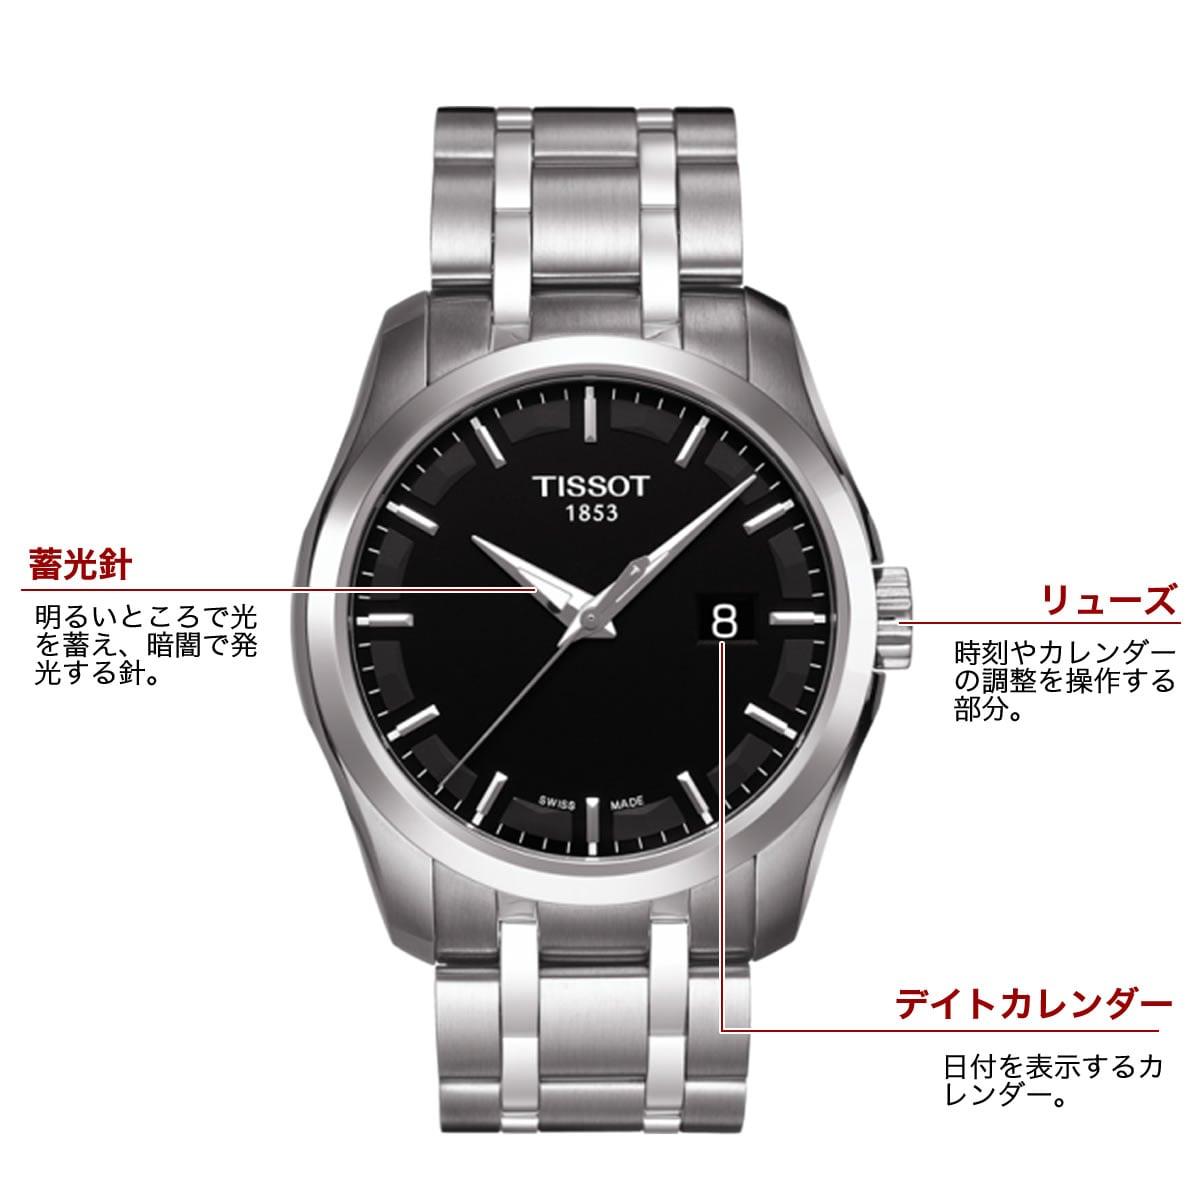 ティソ クォーツ 男性用腕時計t0354101105100